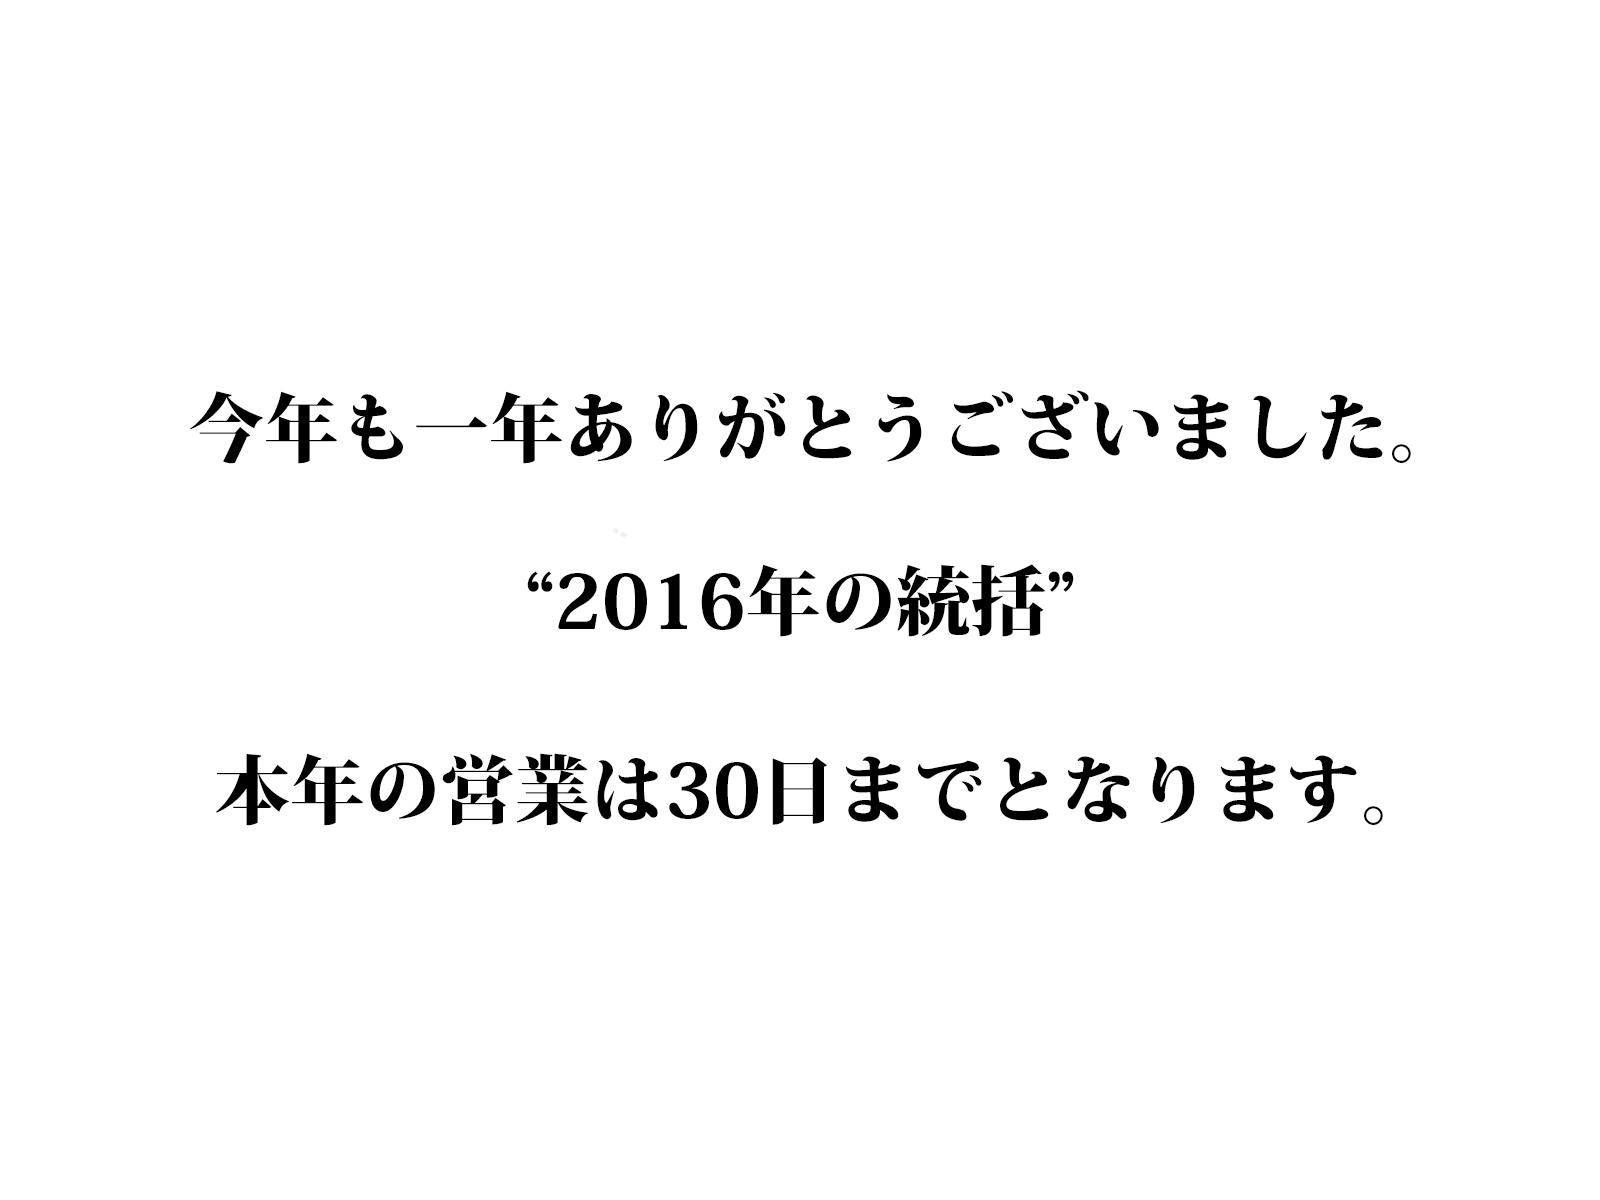 2016年の統括